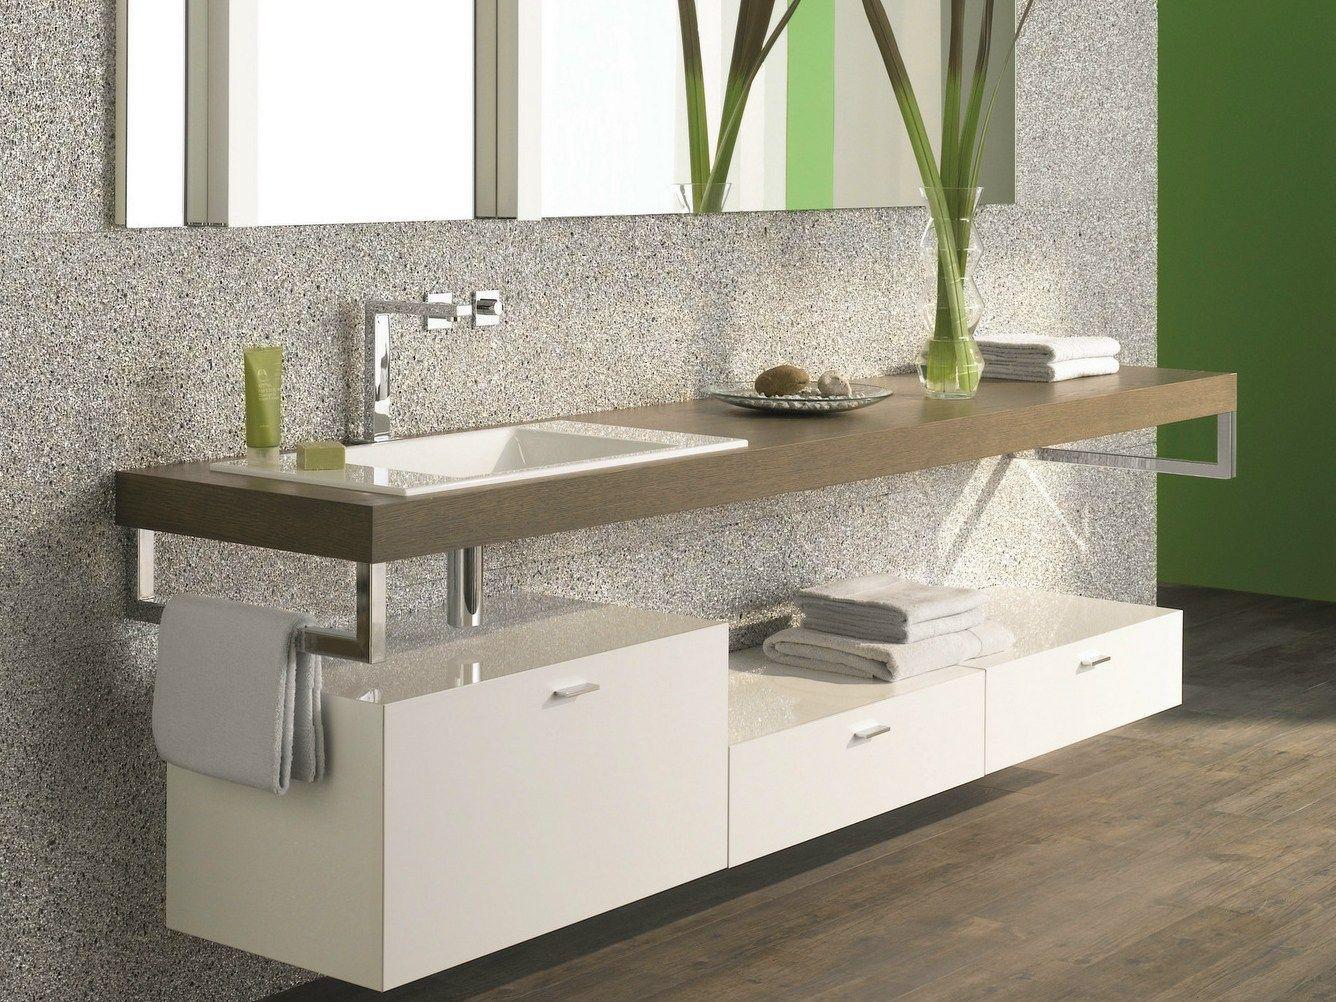 Meuble pour salle de bain suspendu avec tiroirs betteroom for Bette salle de bain